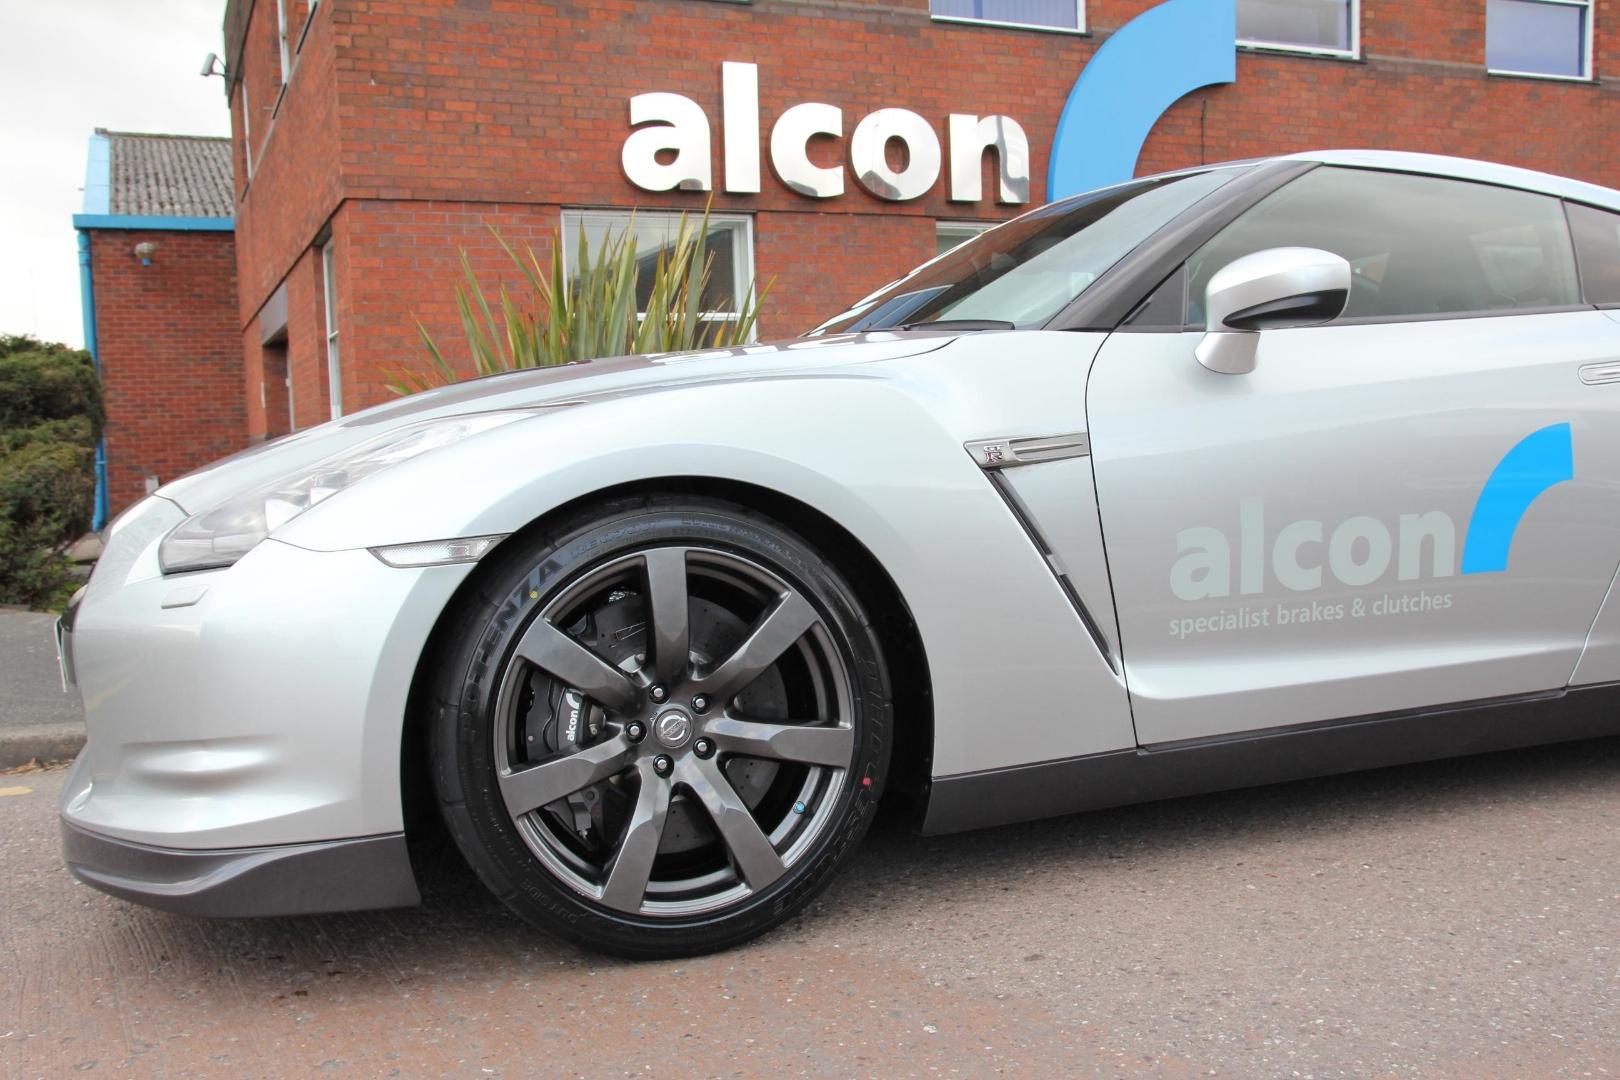 Nissan Gt R Gets Carbon Ceramic Alcon Ccx Brakes